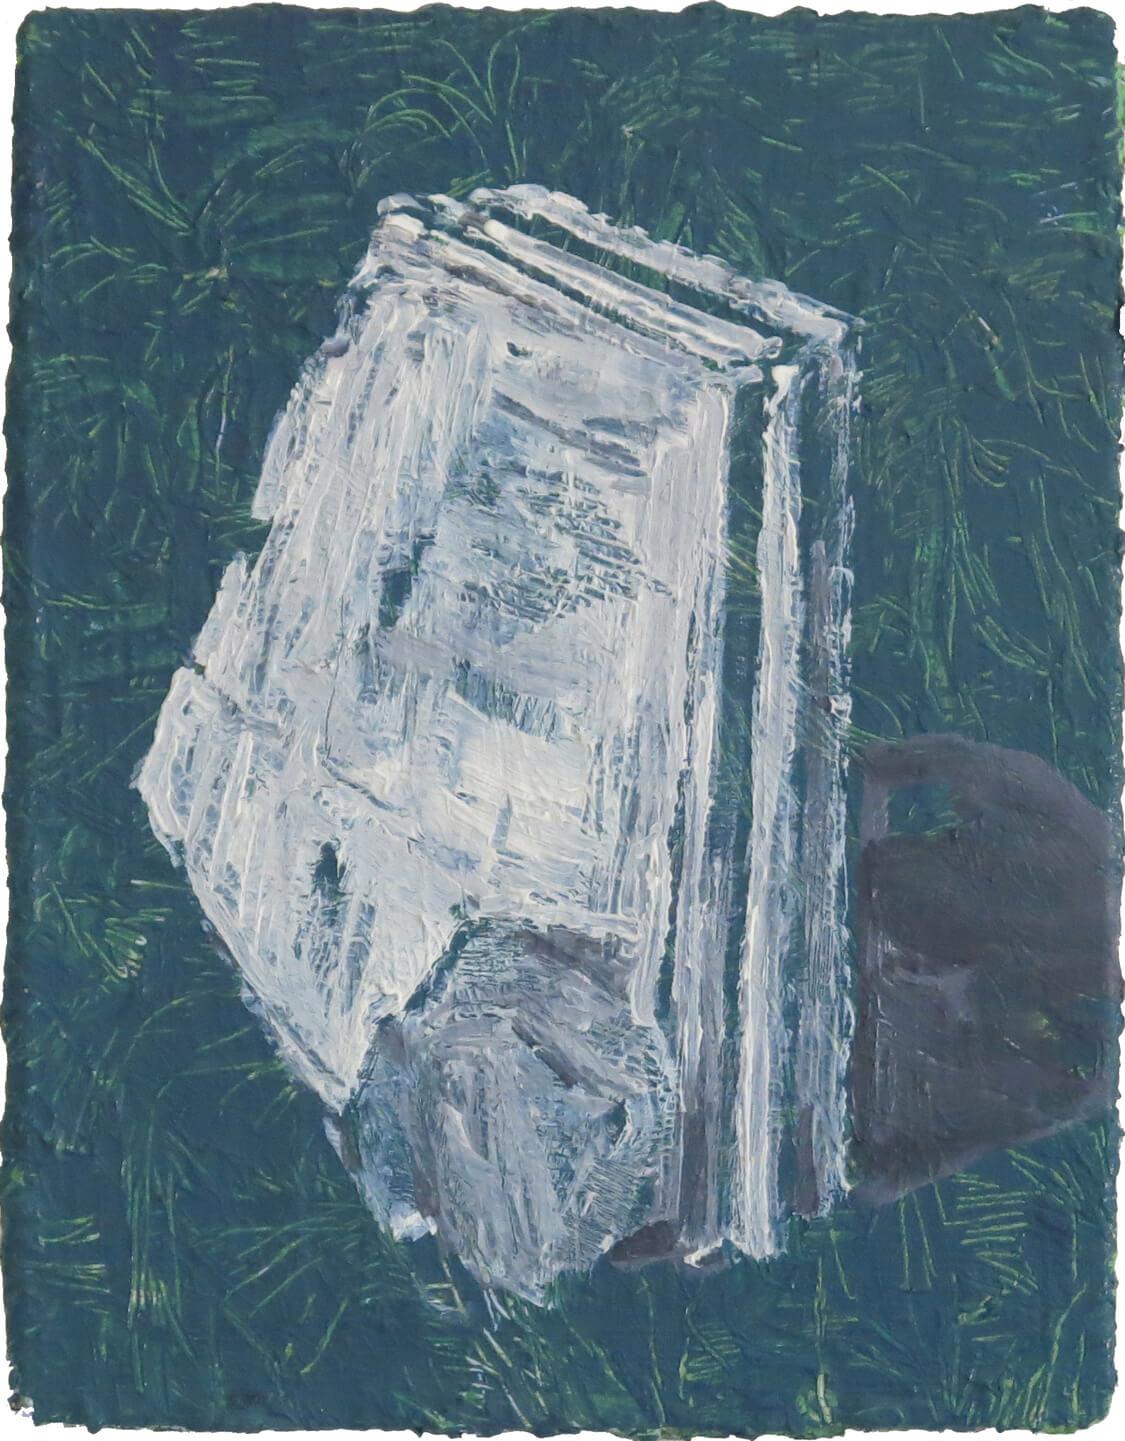 Jersey Barrier II - Oil on Canvas, 40 x 31 cm, 2019